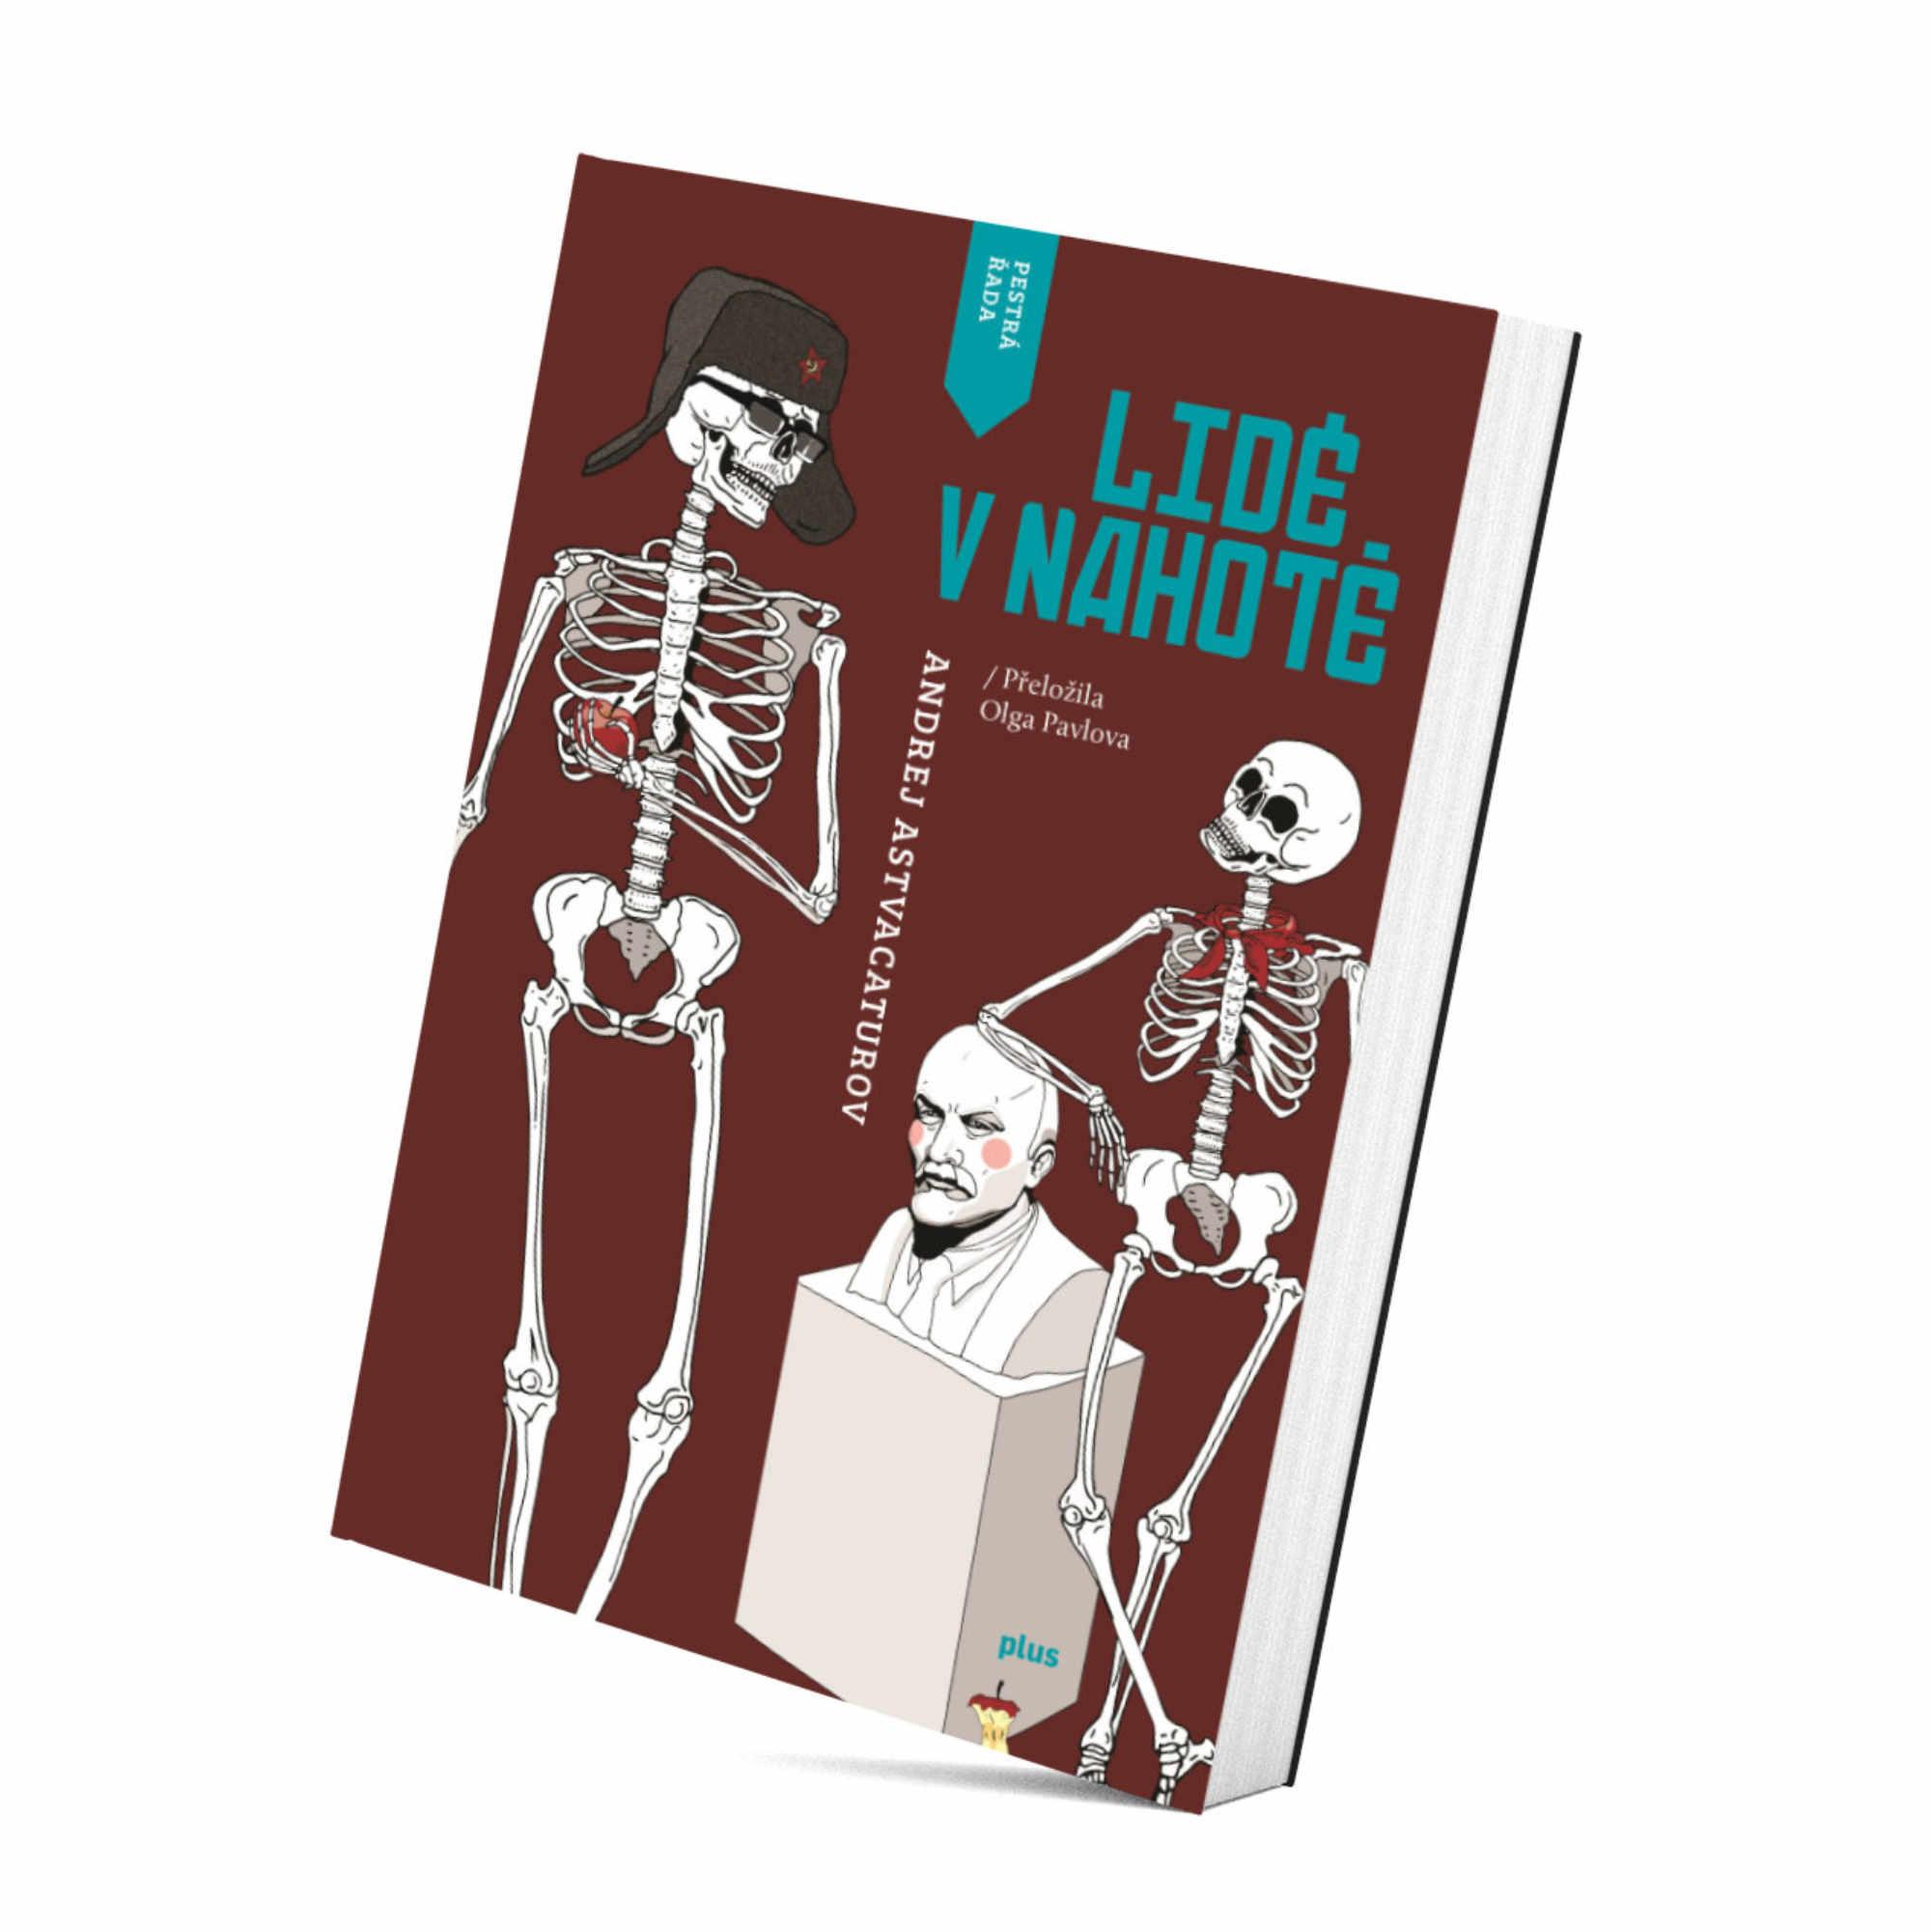 BOOK kniha lide v nahote brunhilda illustration ilustrace